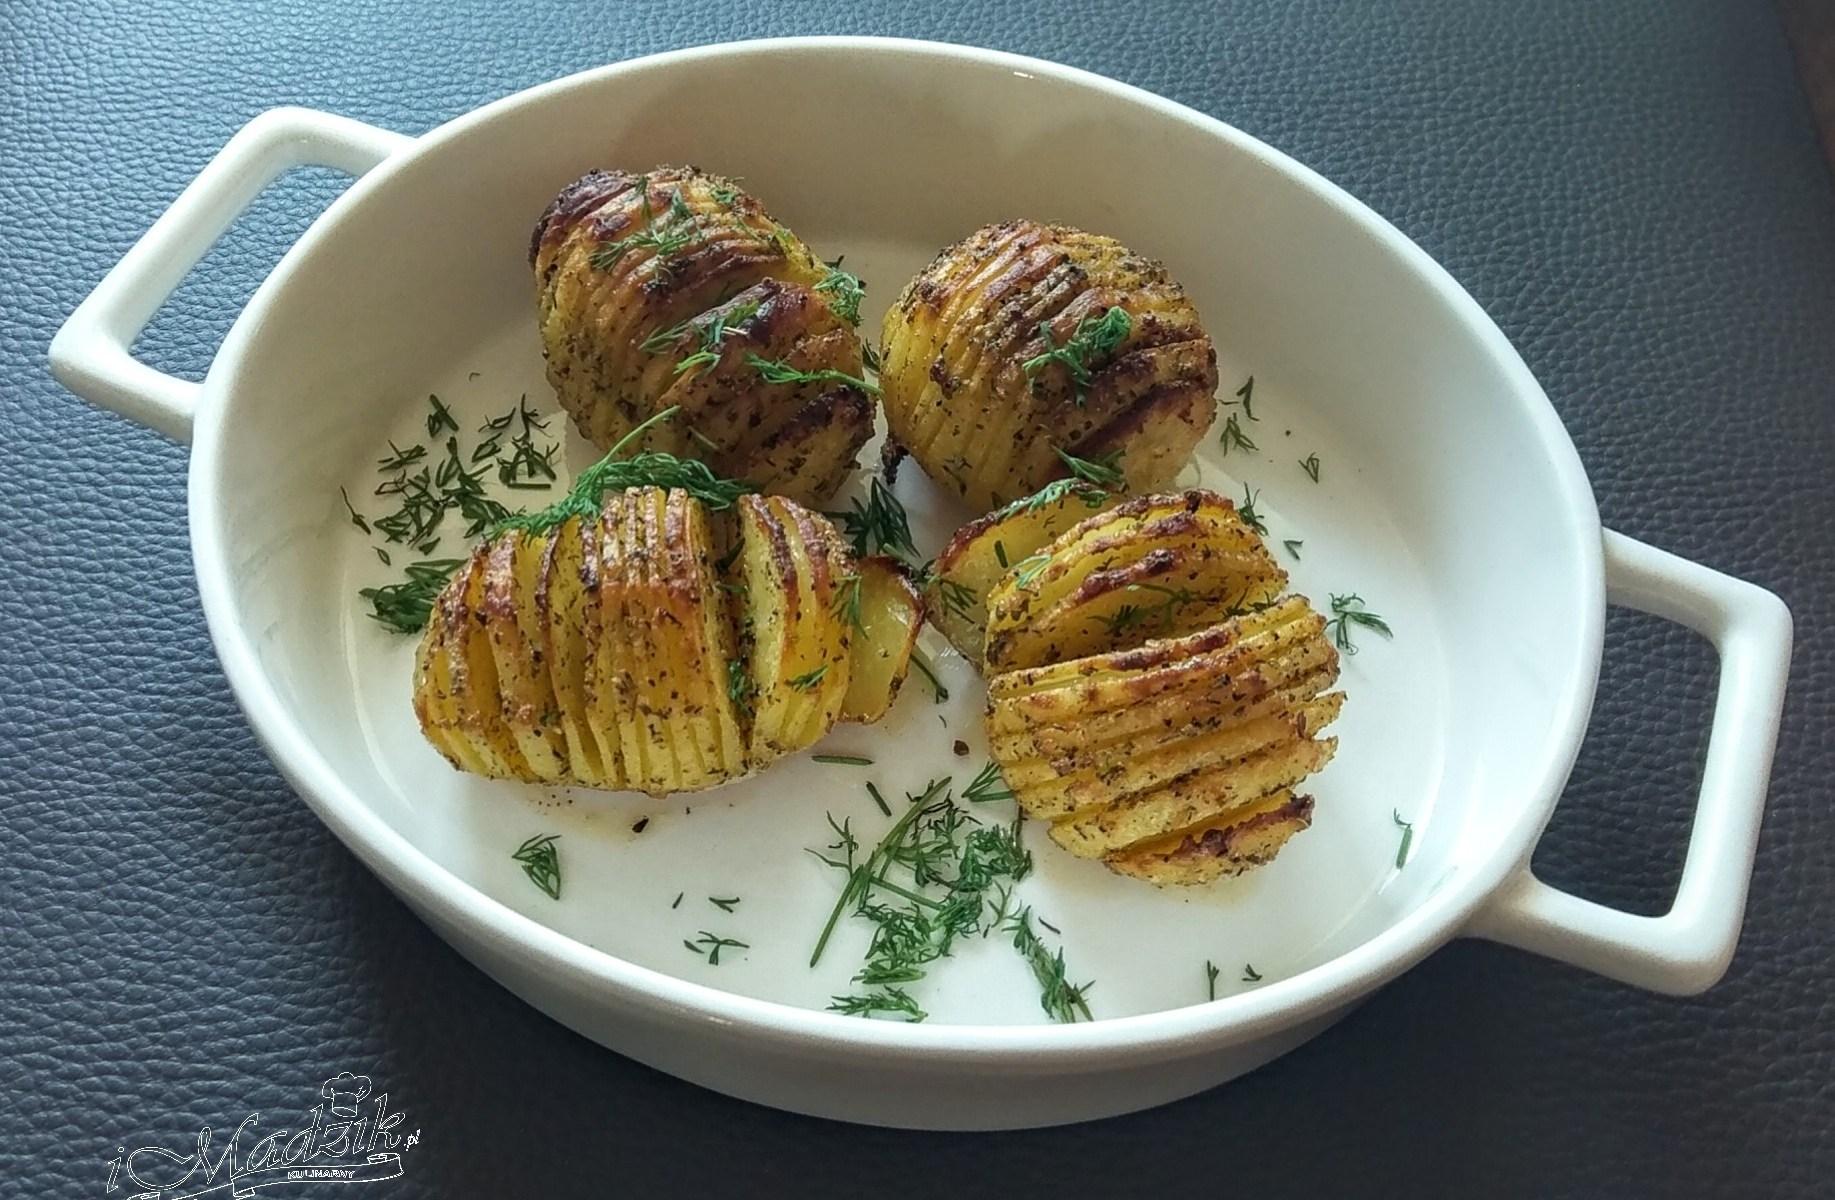 Pieczone ziemniaki a'la chipsy (Hasselback)